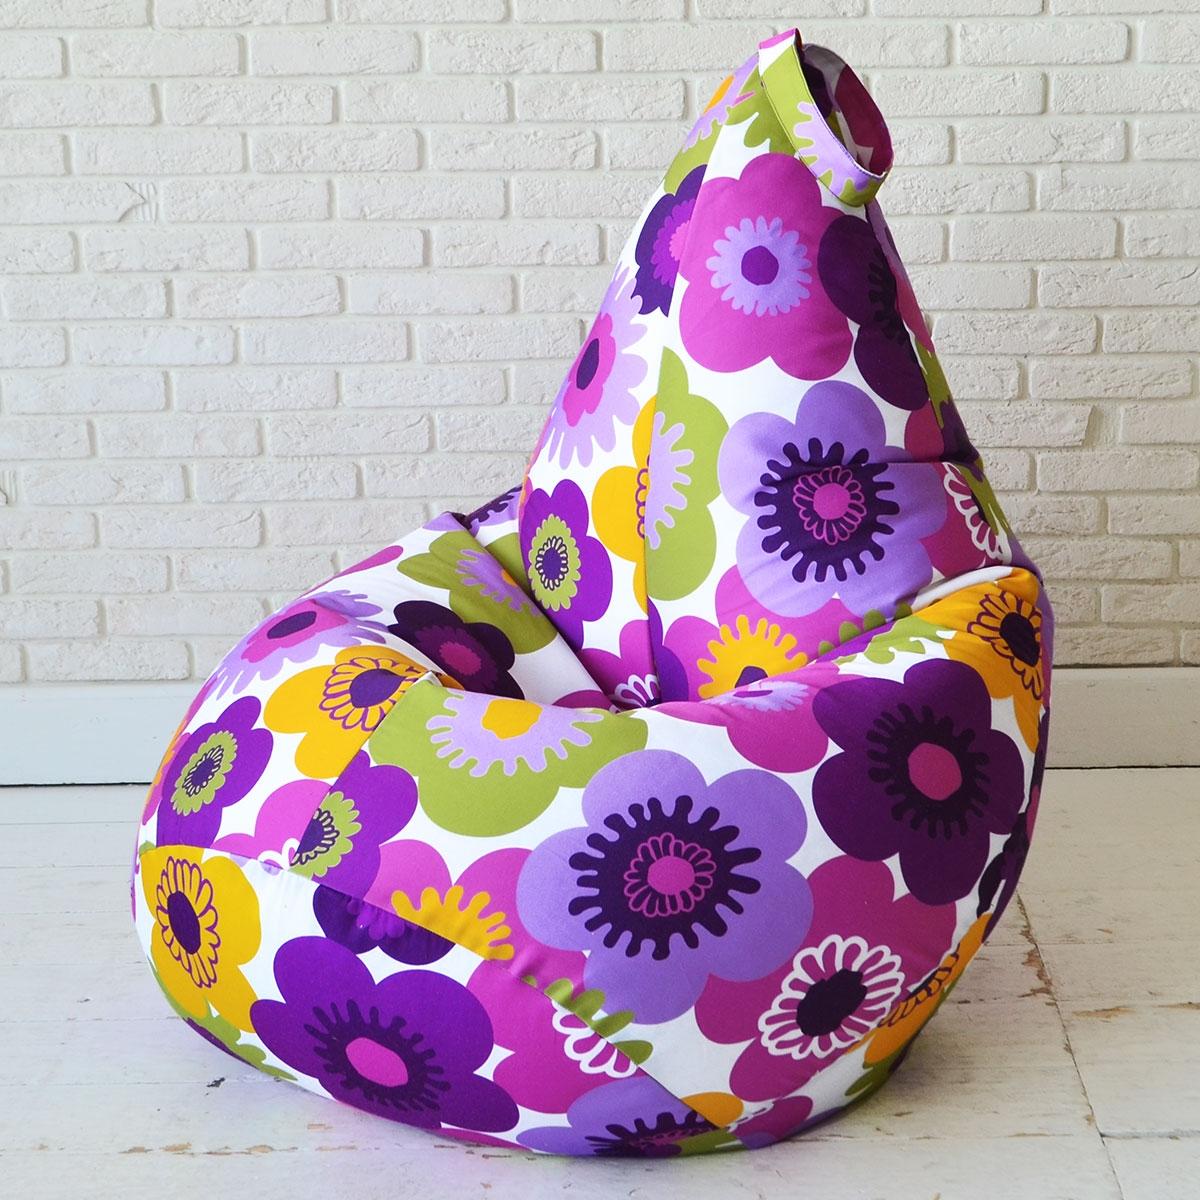 кресло мешок фото дизайн